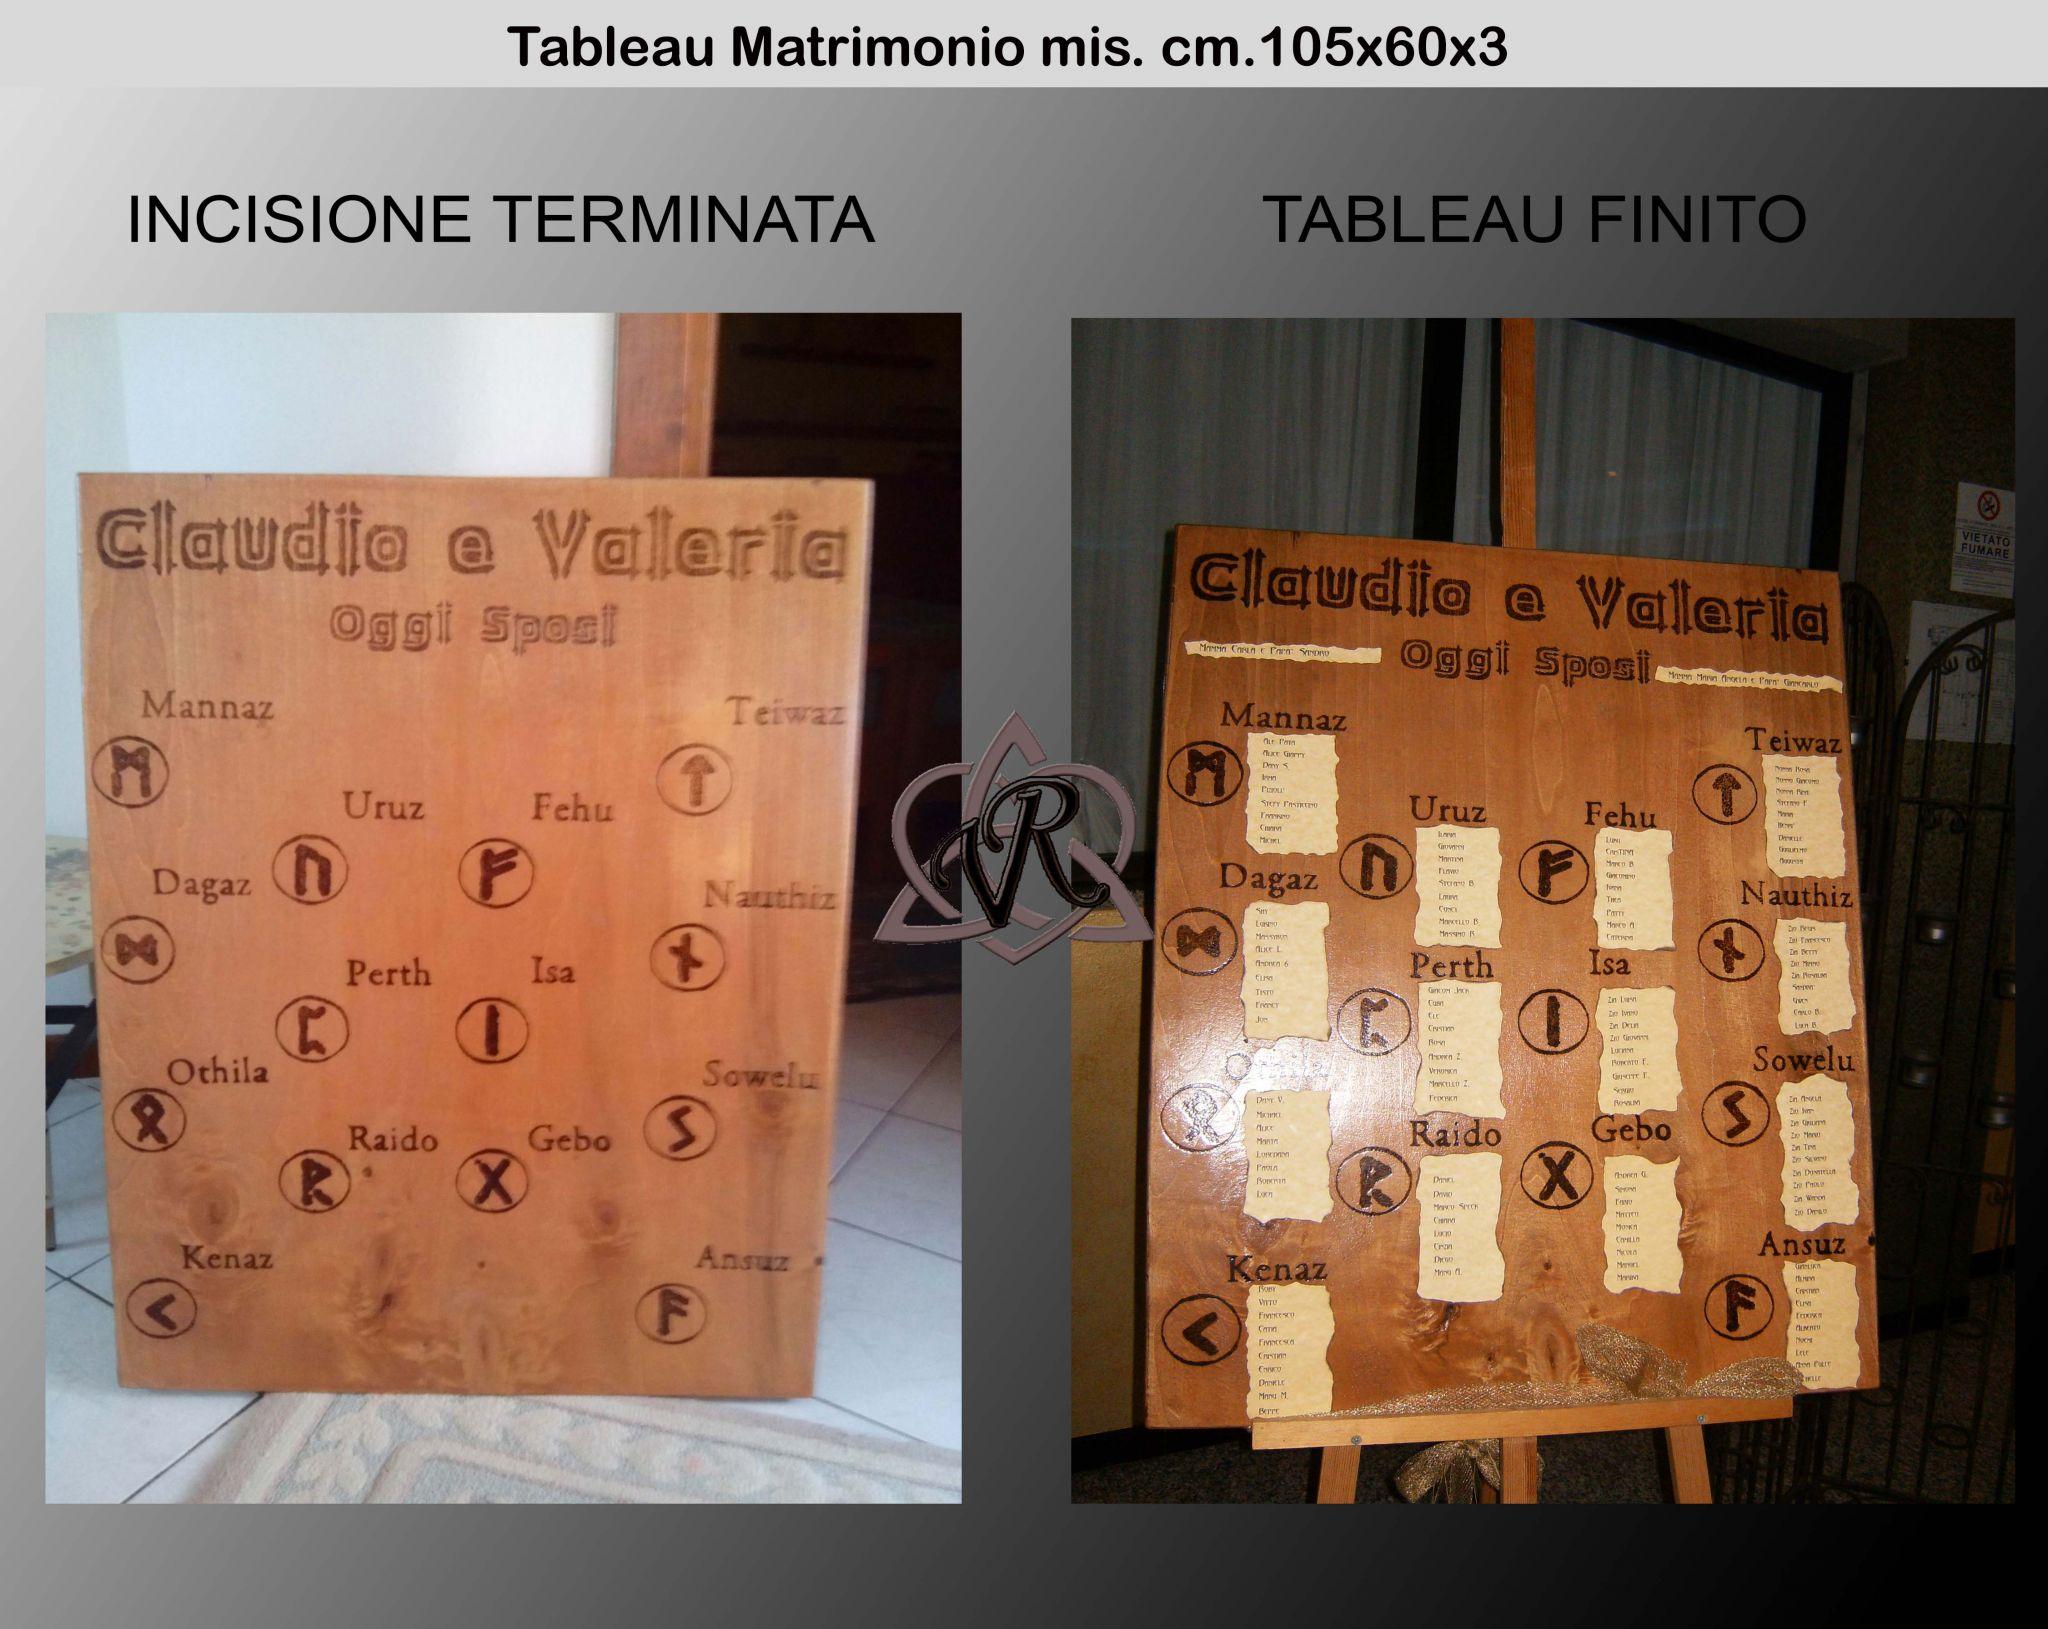 Tableau mis. max. 105x60x3